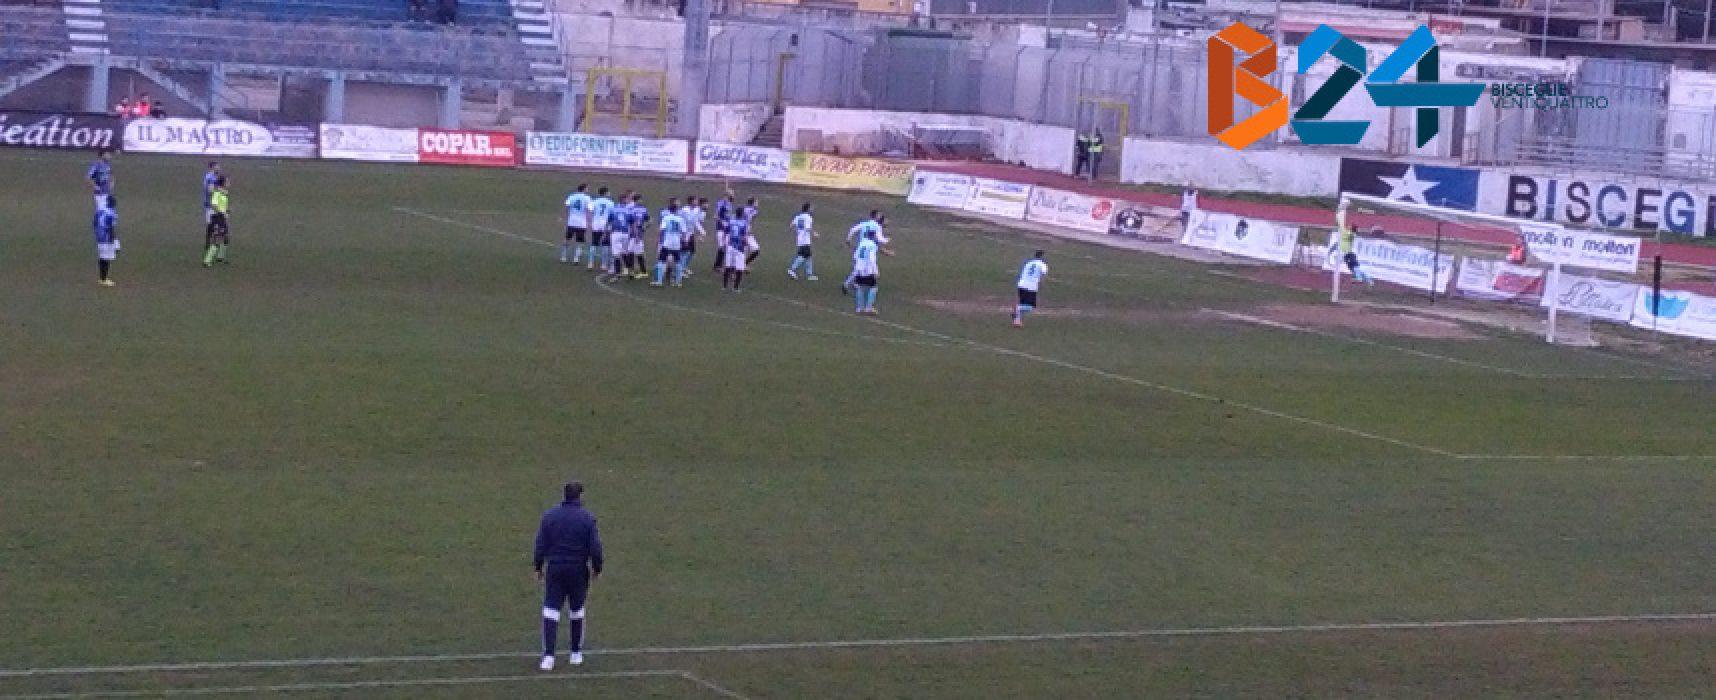 Montinaro gol, Bisceglie vittorioso nel finale